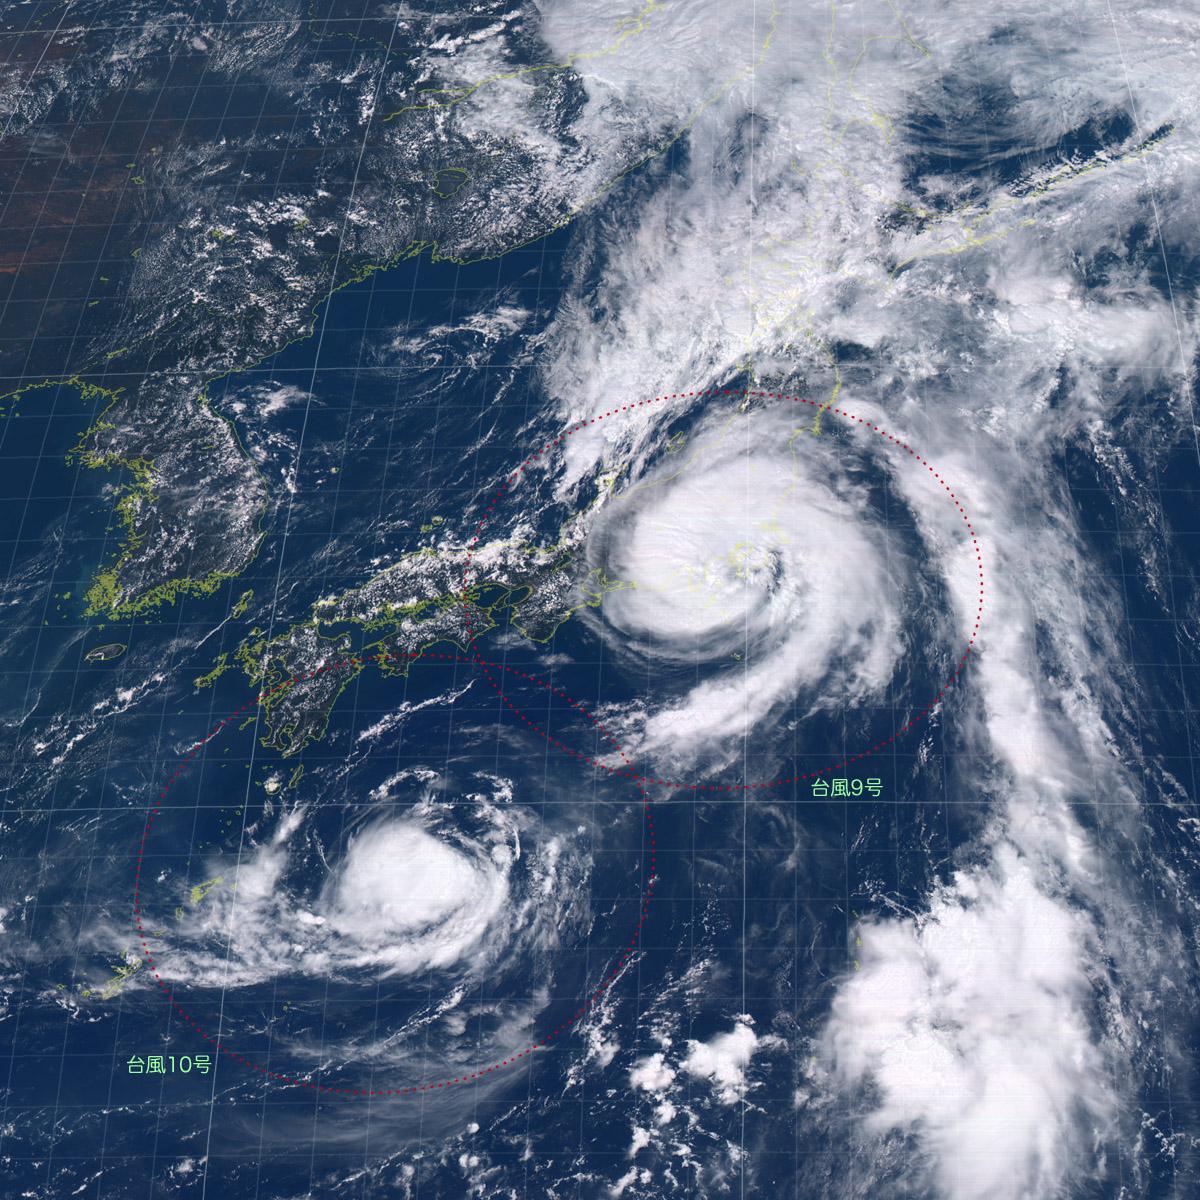 20160822-1200気象衛星画像